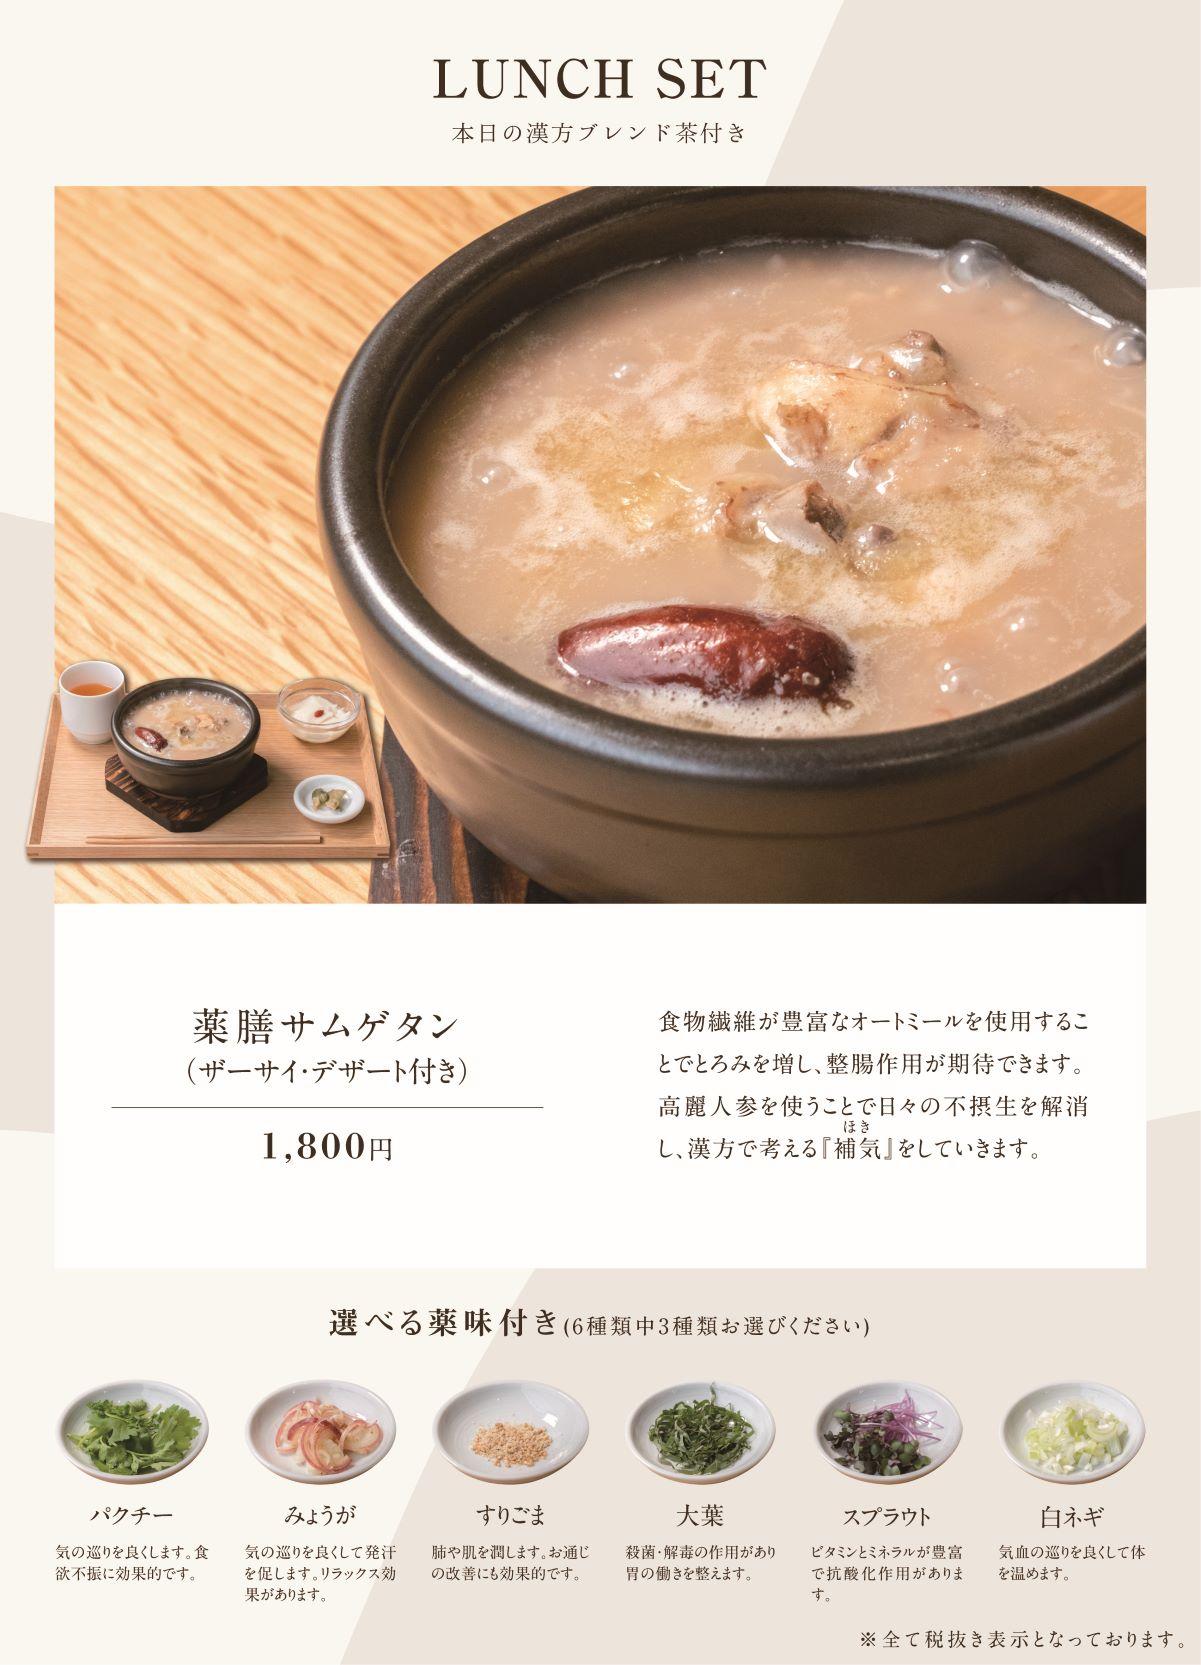 new menu!!✨(ランチメニュー)